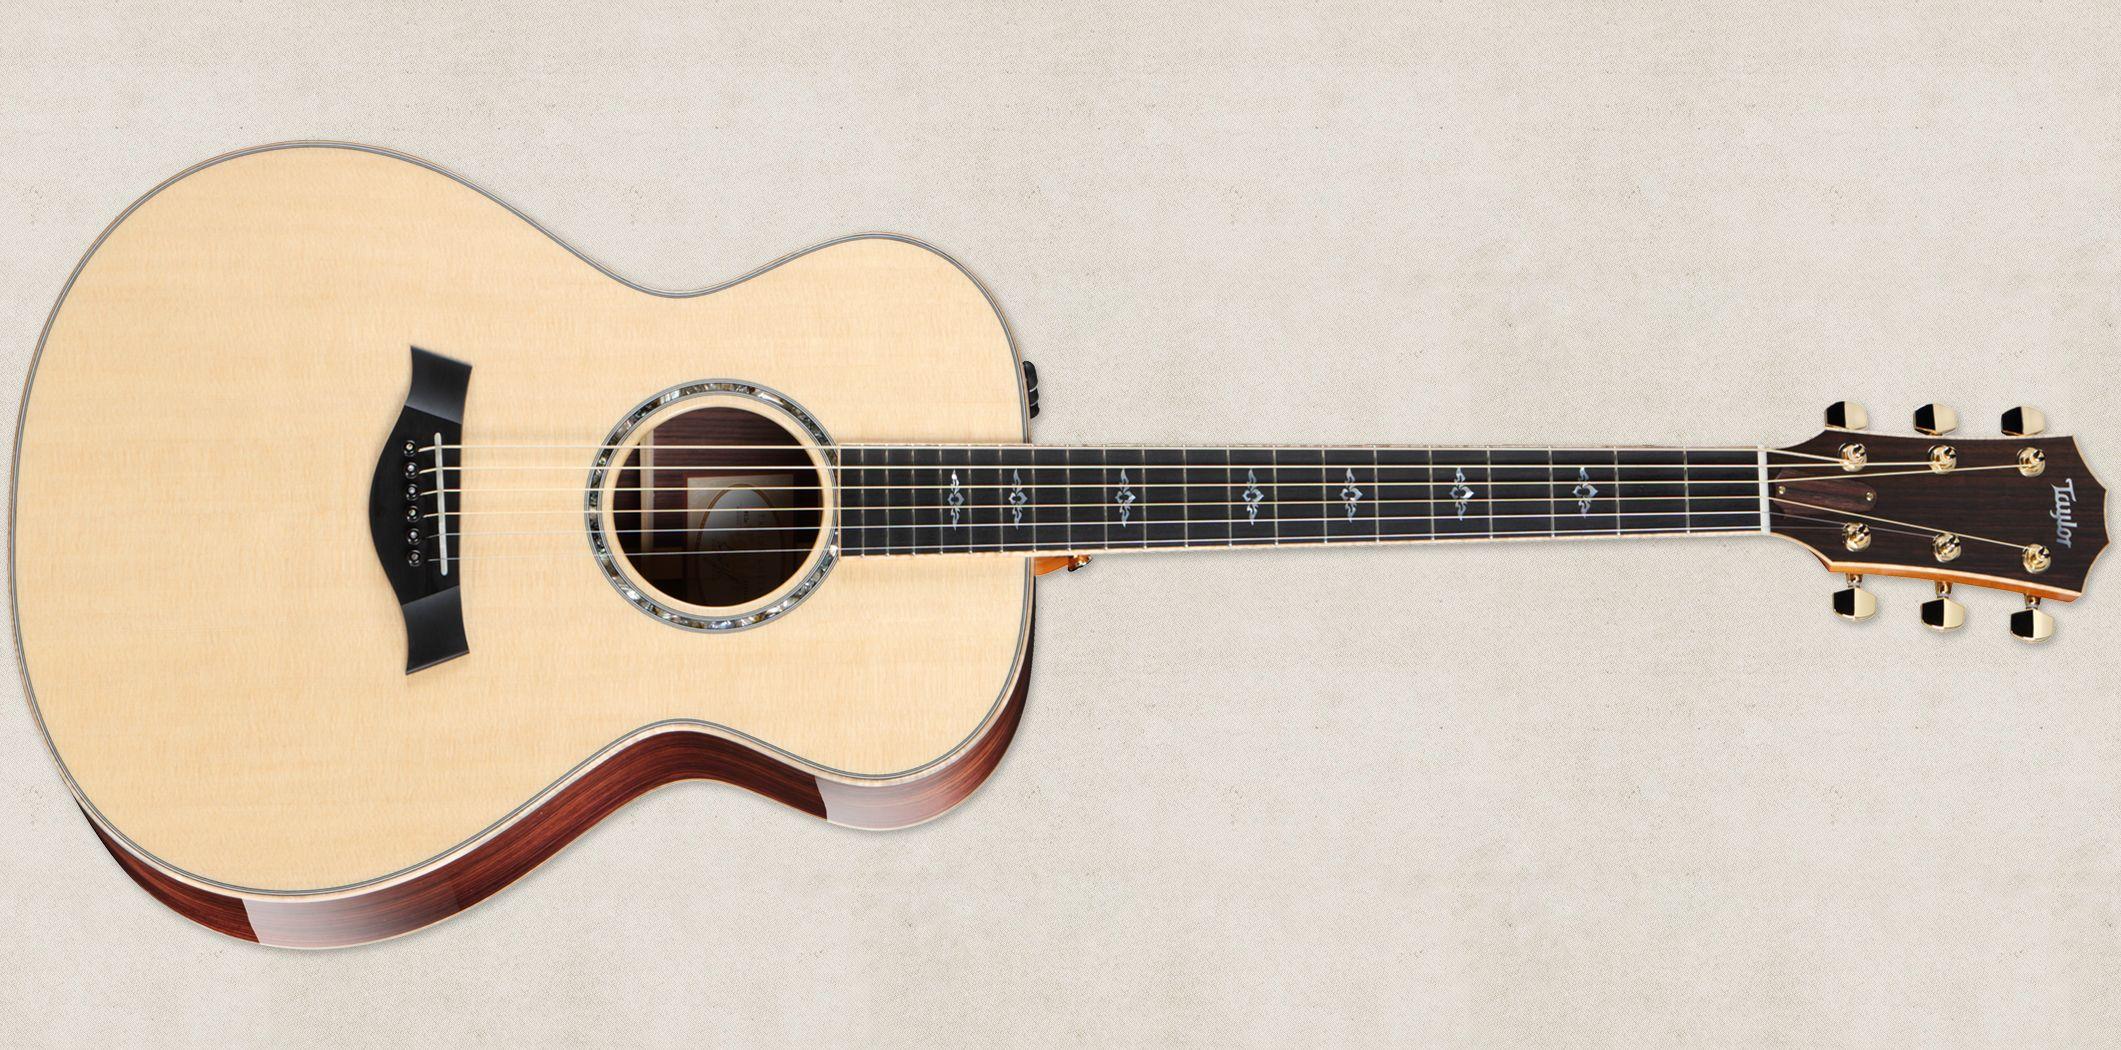 812e | Taylor Guitars